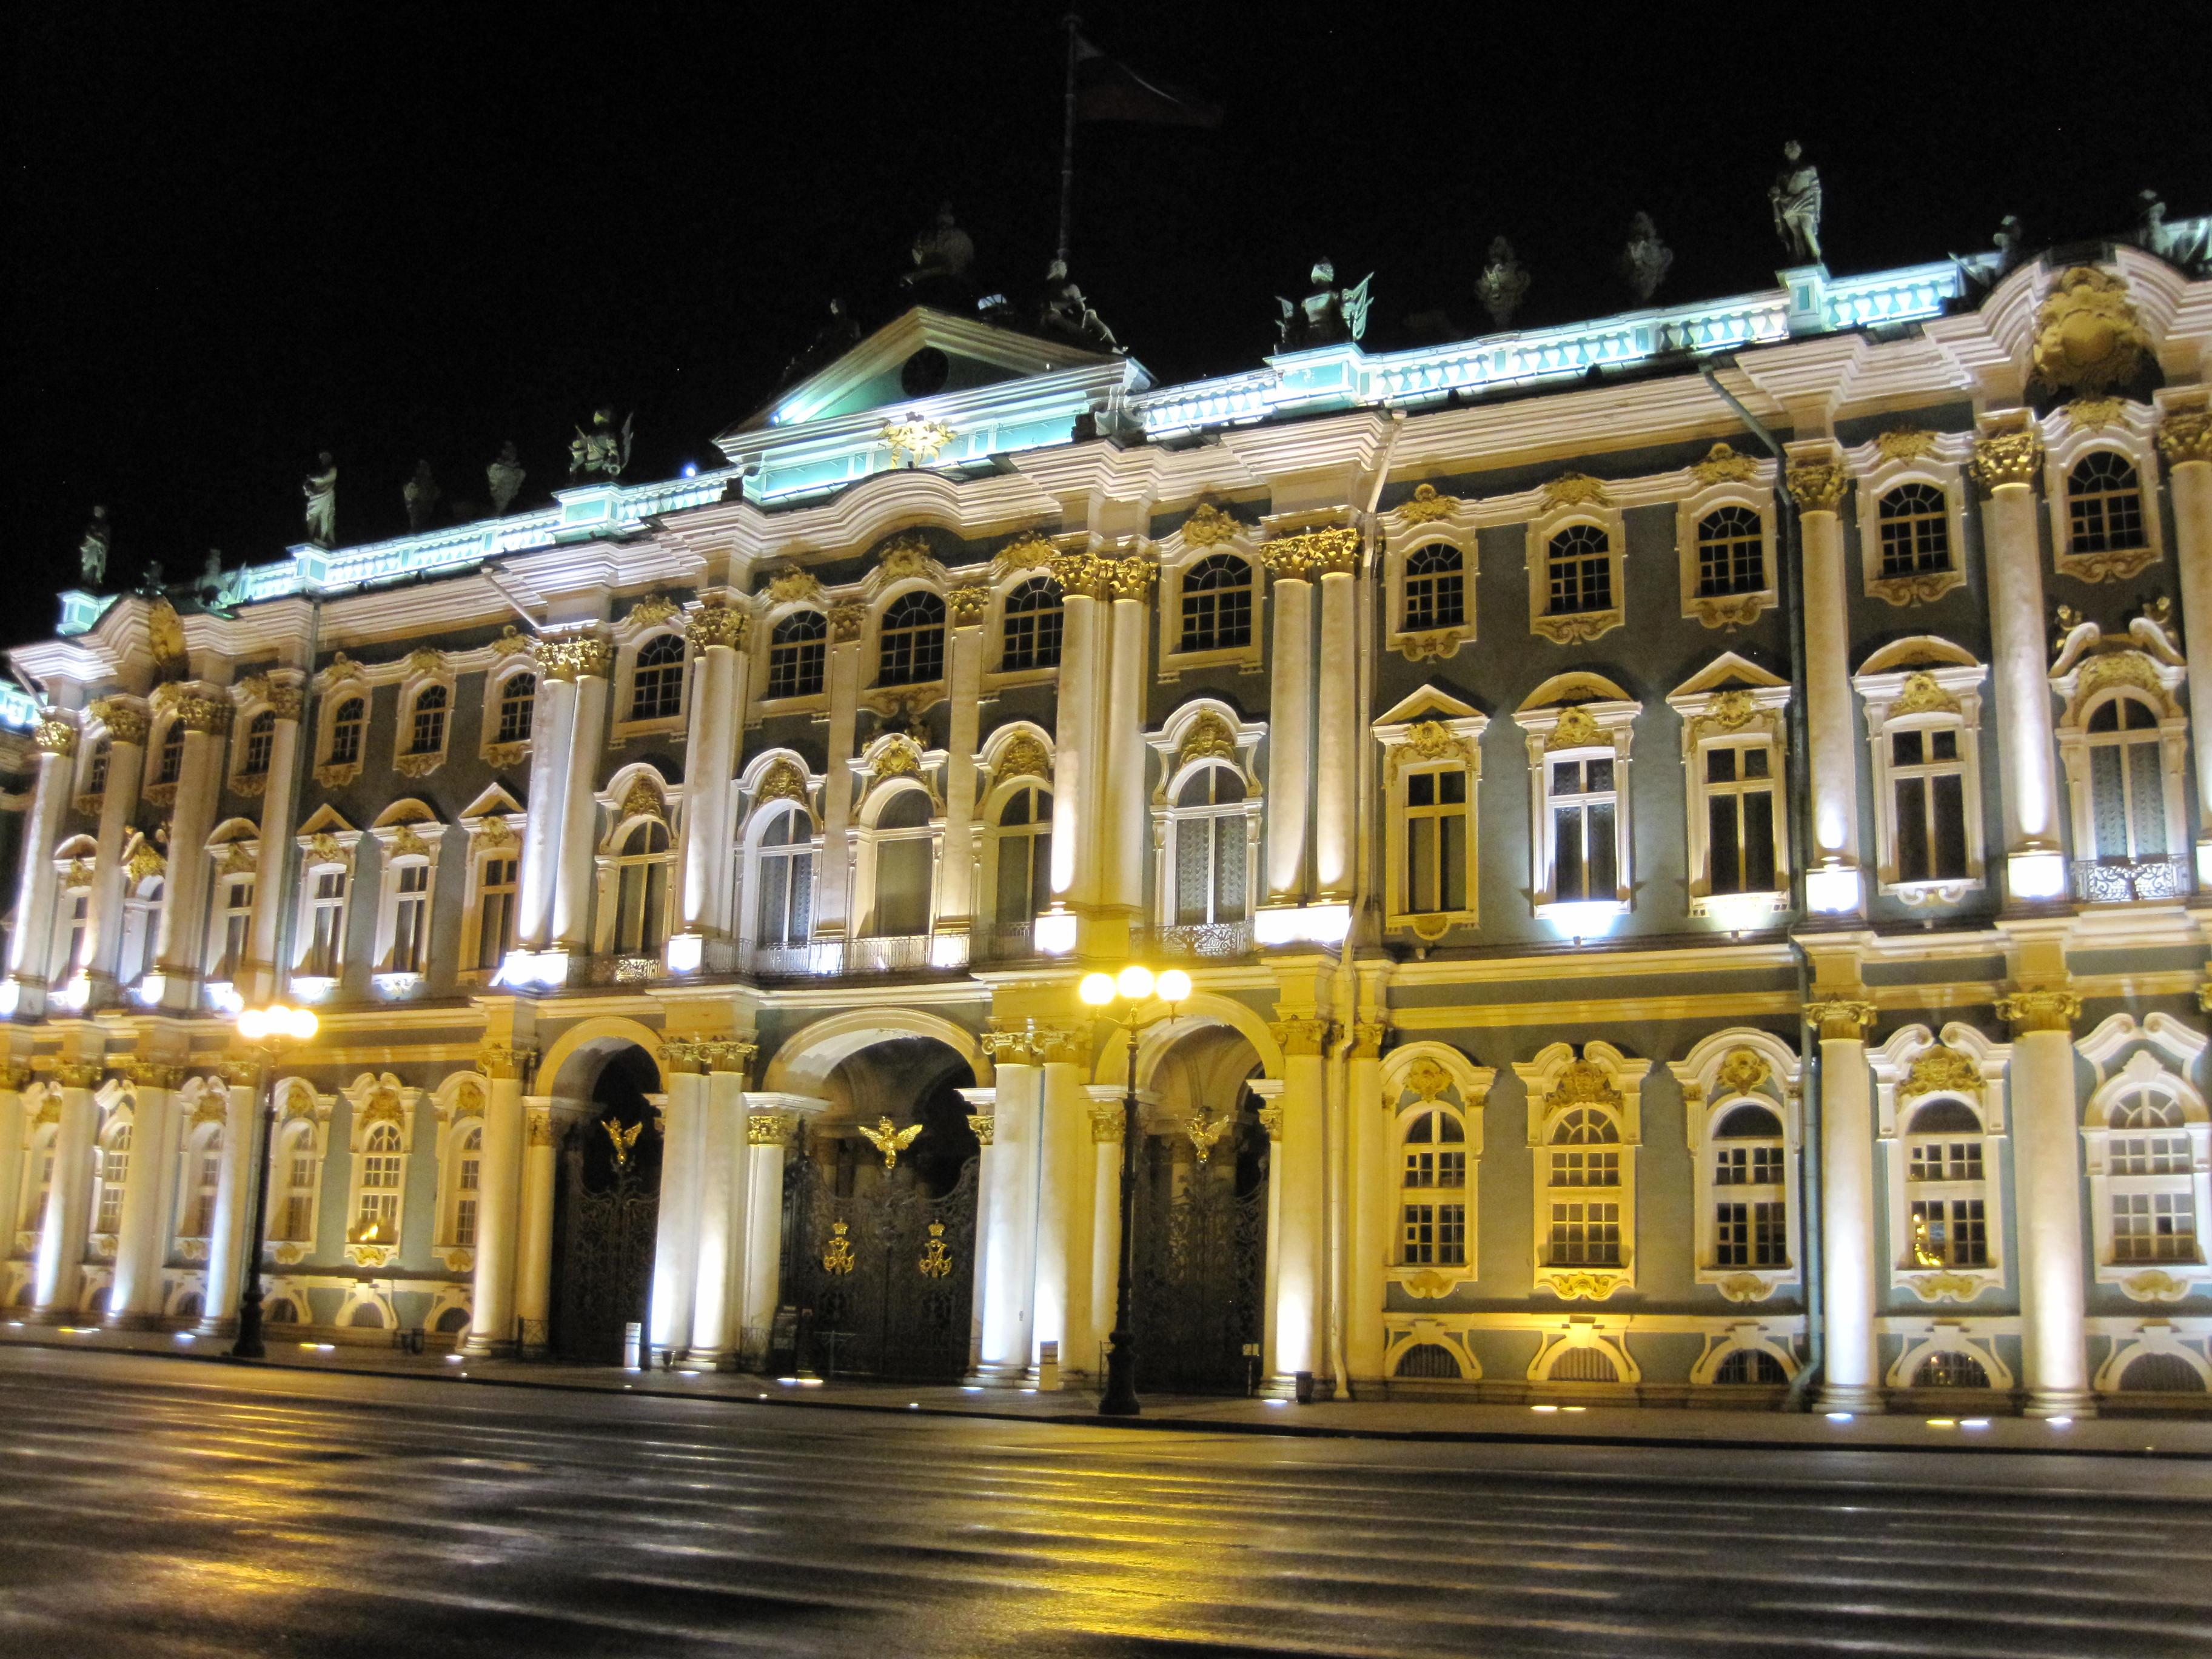 Musée de l'hermitage à St-Petersburg pendant le raid 4x4 Baltica Russie, août 2020